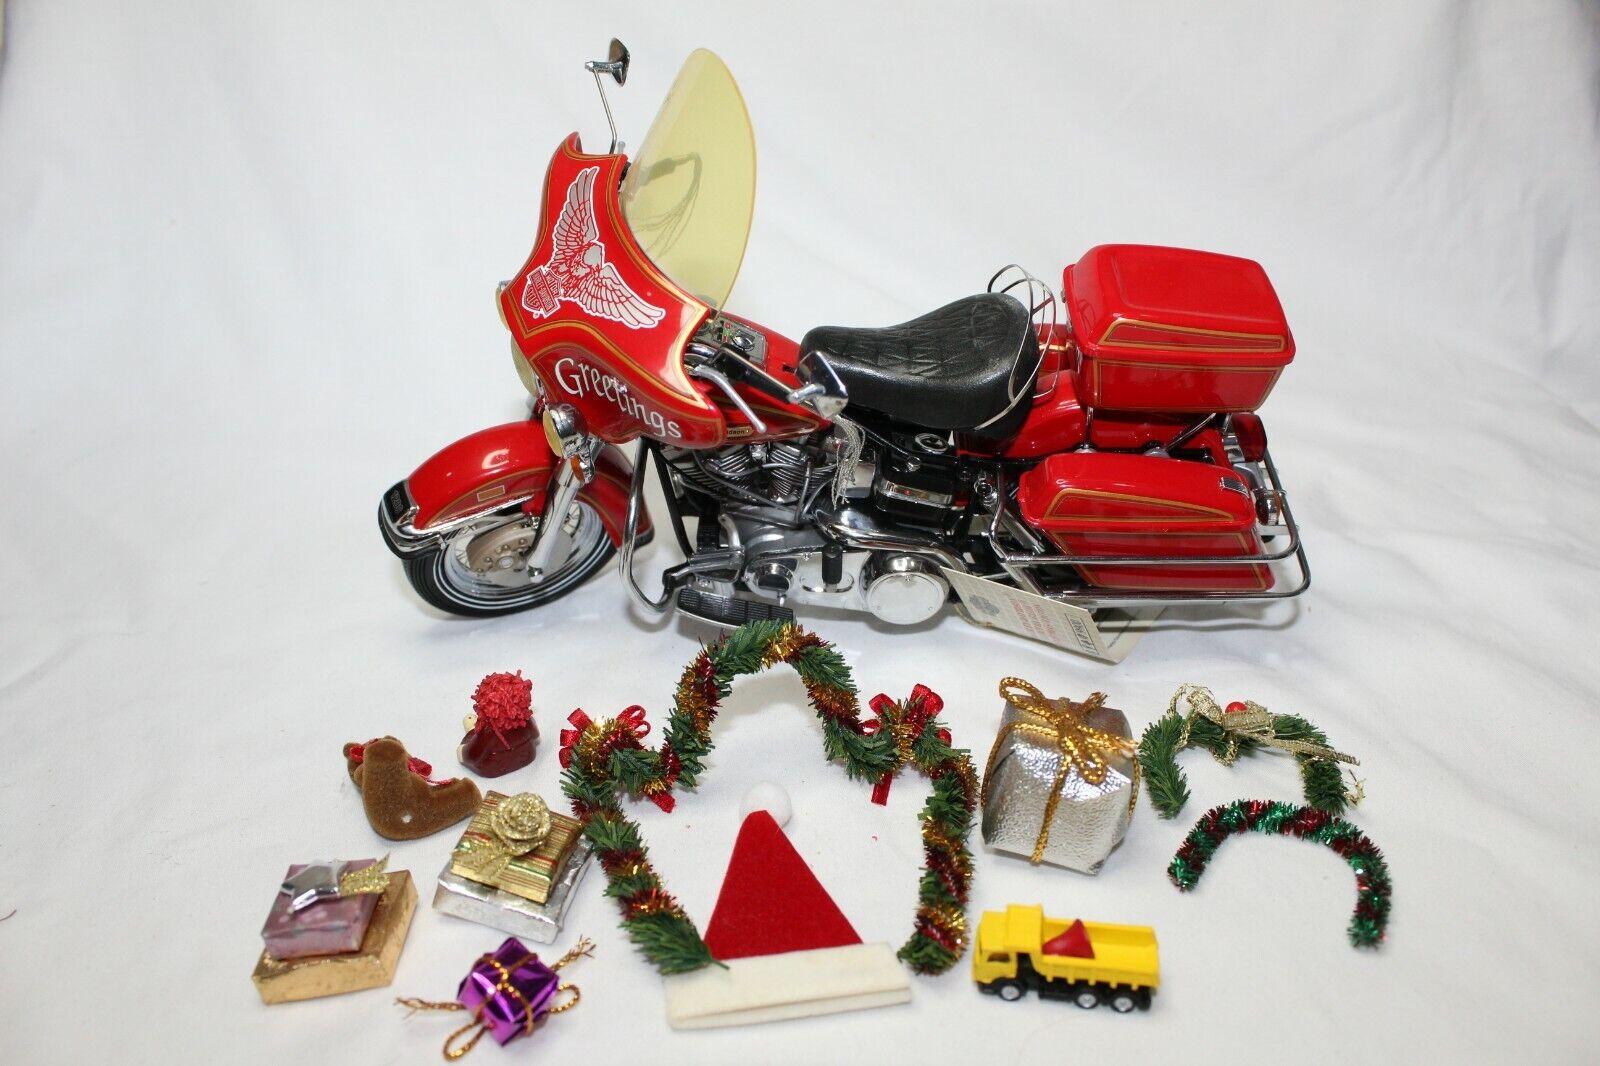 Franklin Mint 1 10 Escala de Harley-Davidson Electra Glide Edición De Navidad-flojo